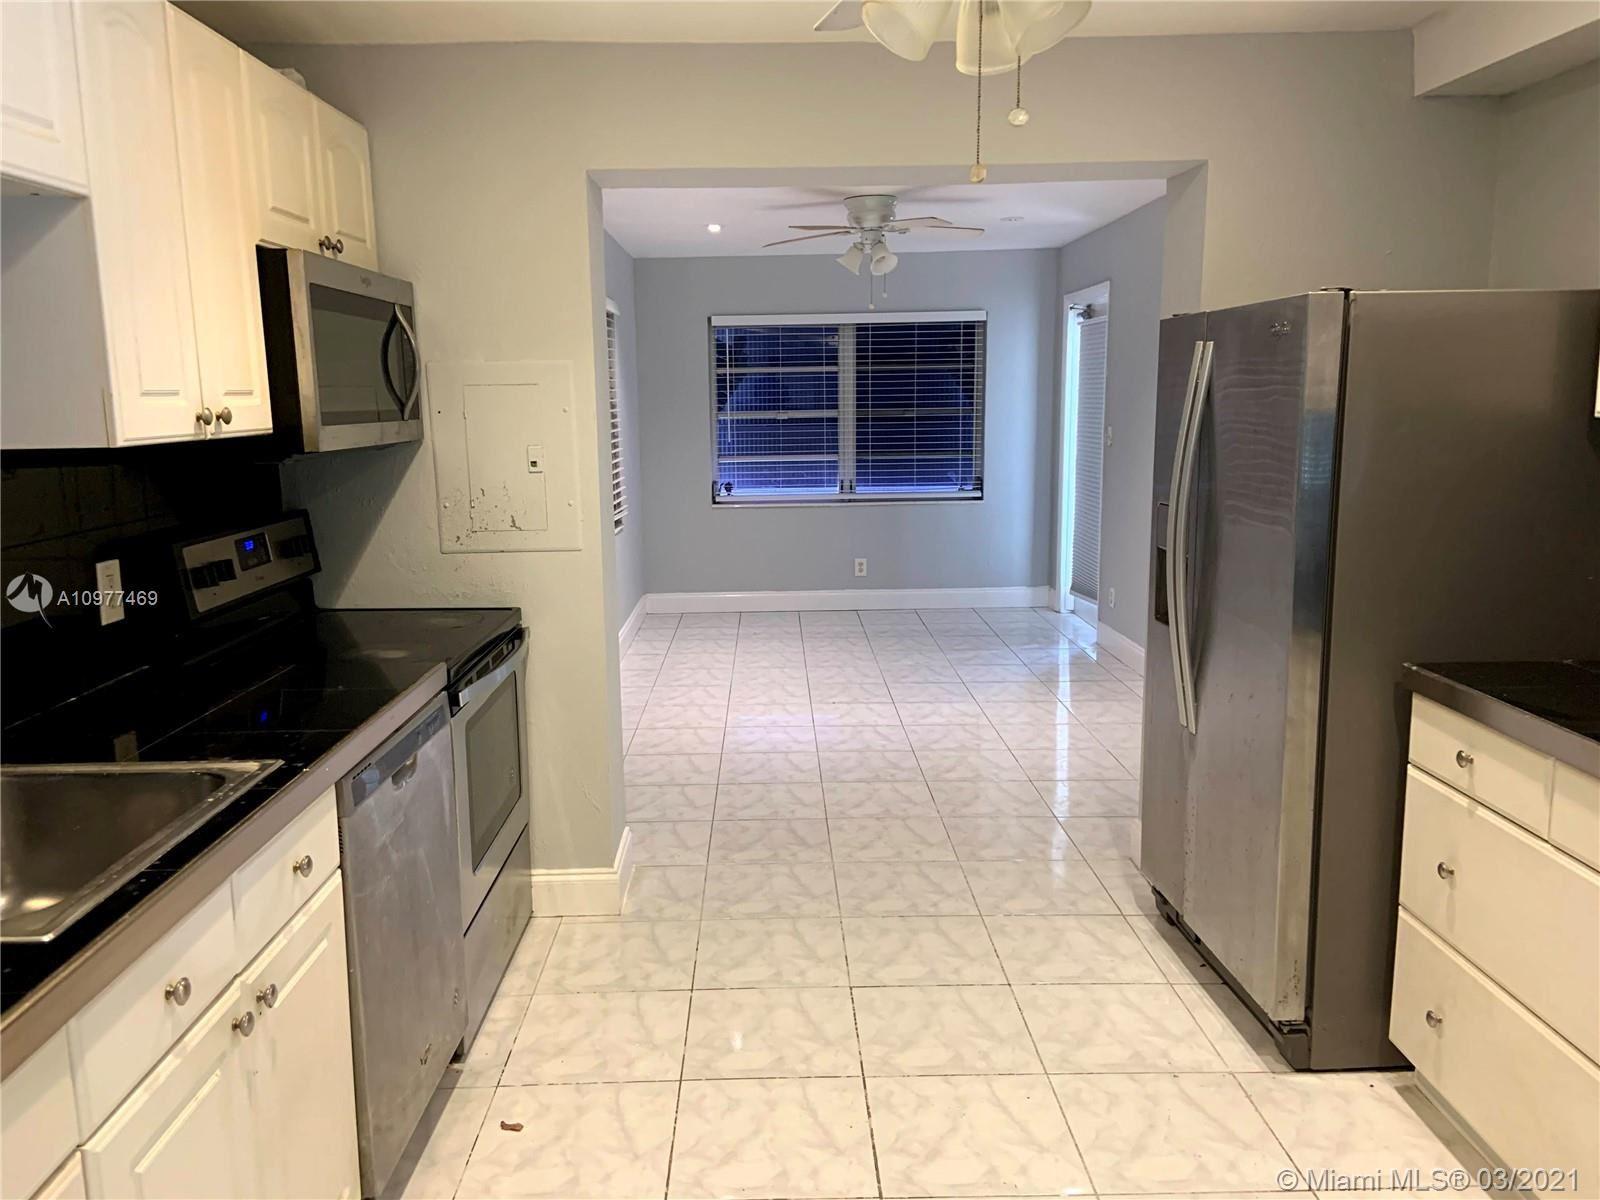 126 Ronald Rd, West Park, FL 33023 - #: A10977469